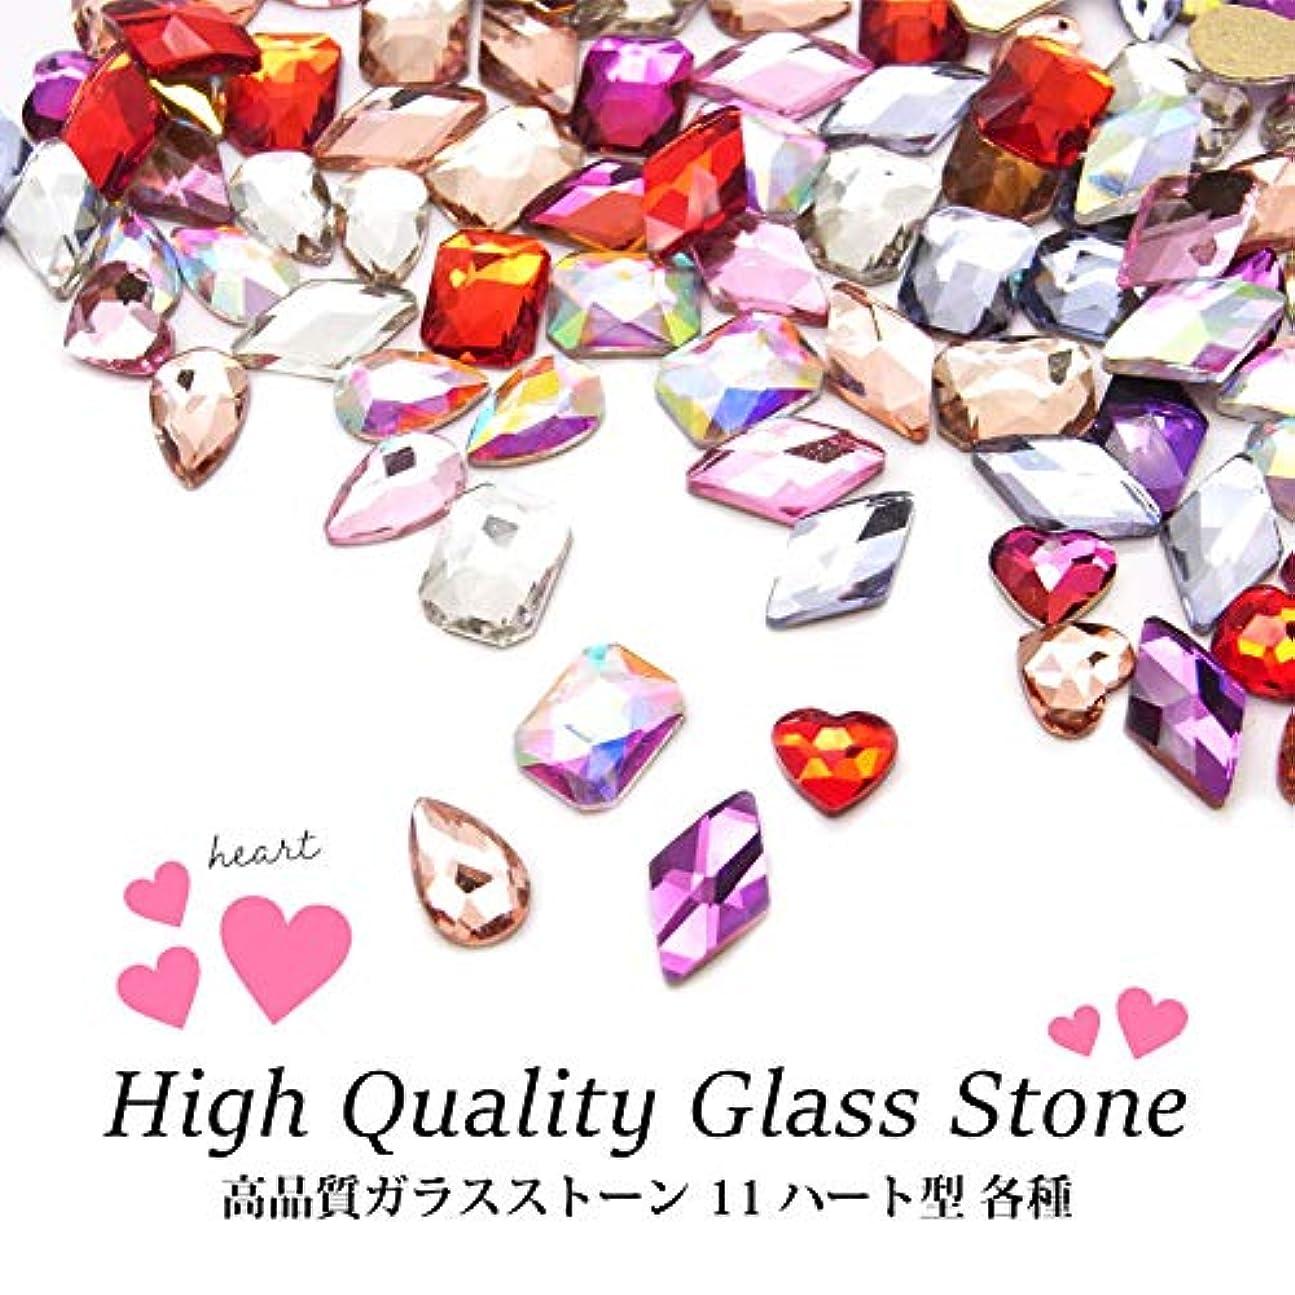 雄大なパテ物質高品質ガラスストーン 11 ハート型 各種 5個入り (5.ライトサファイア)